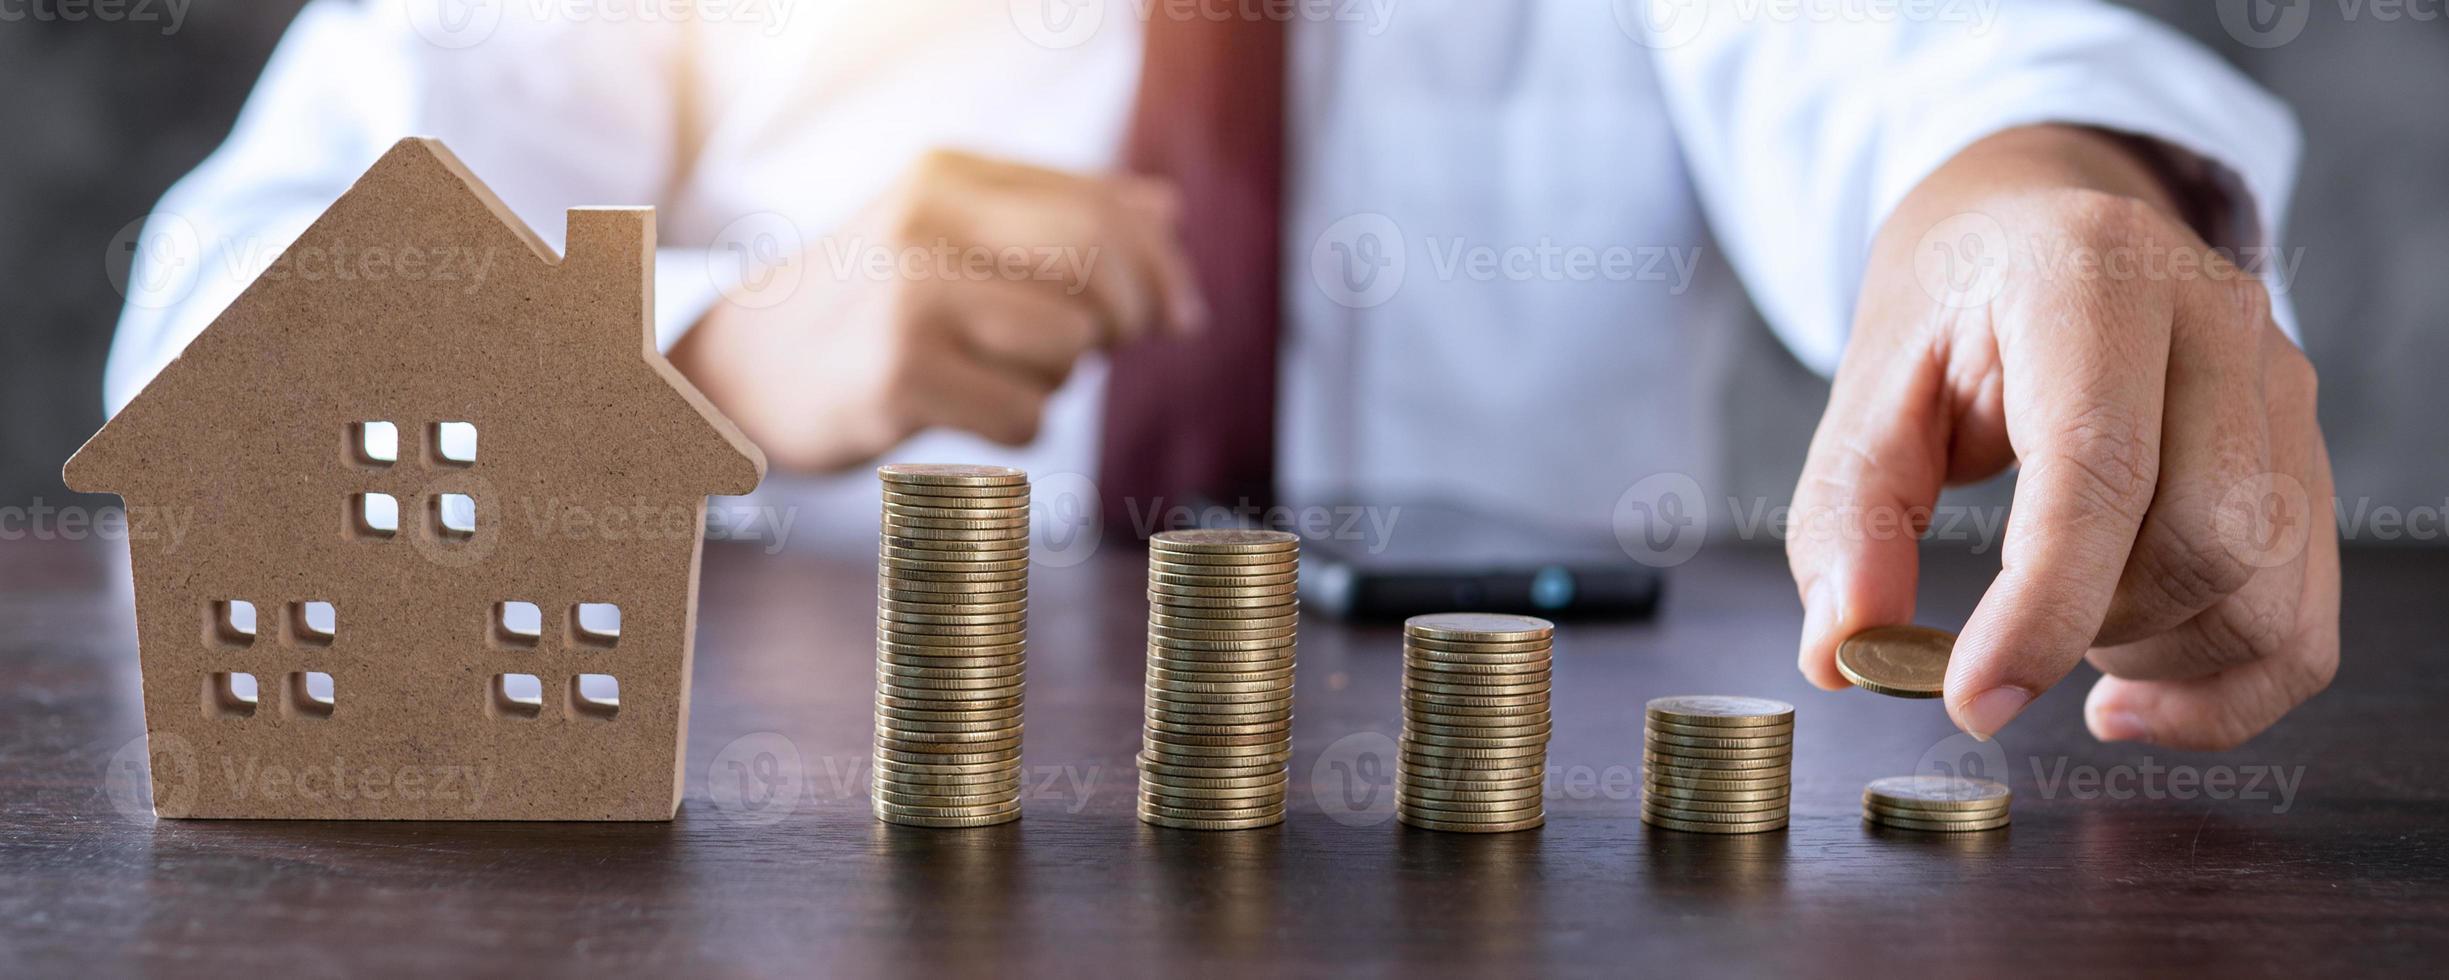 monete impilate con casa in legno foto